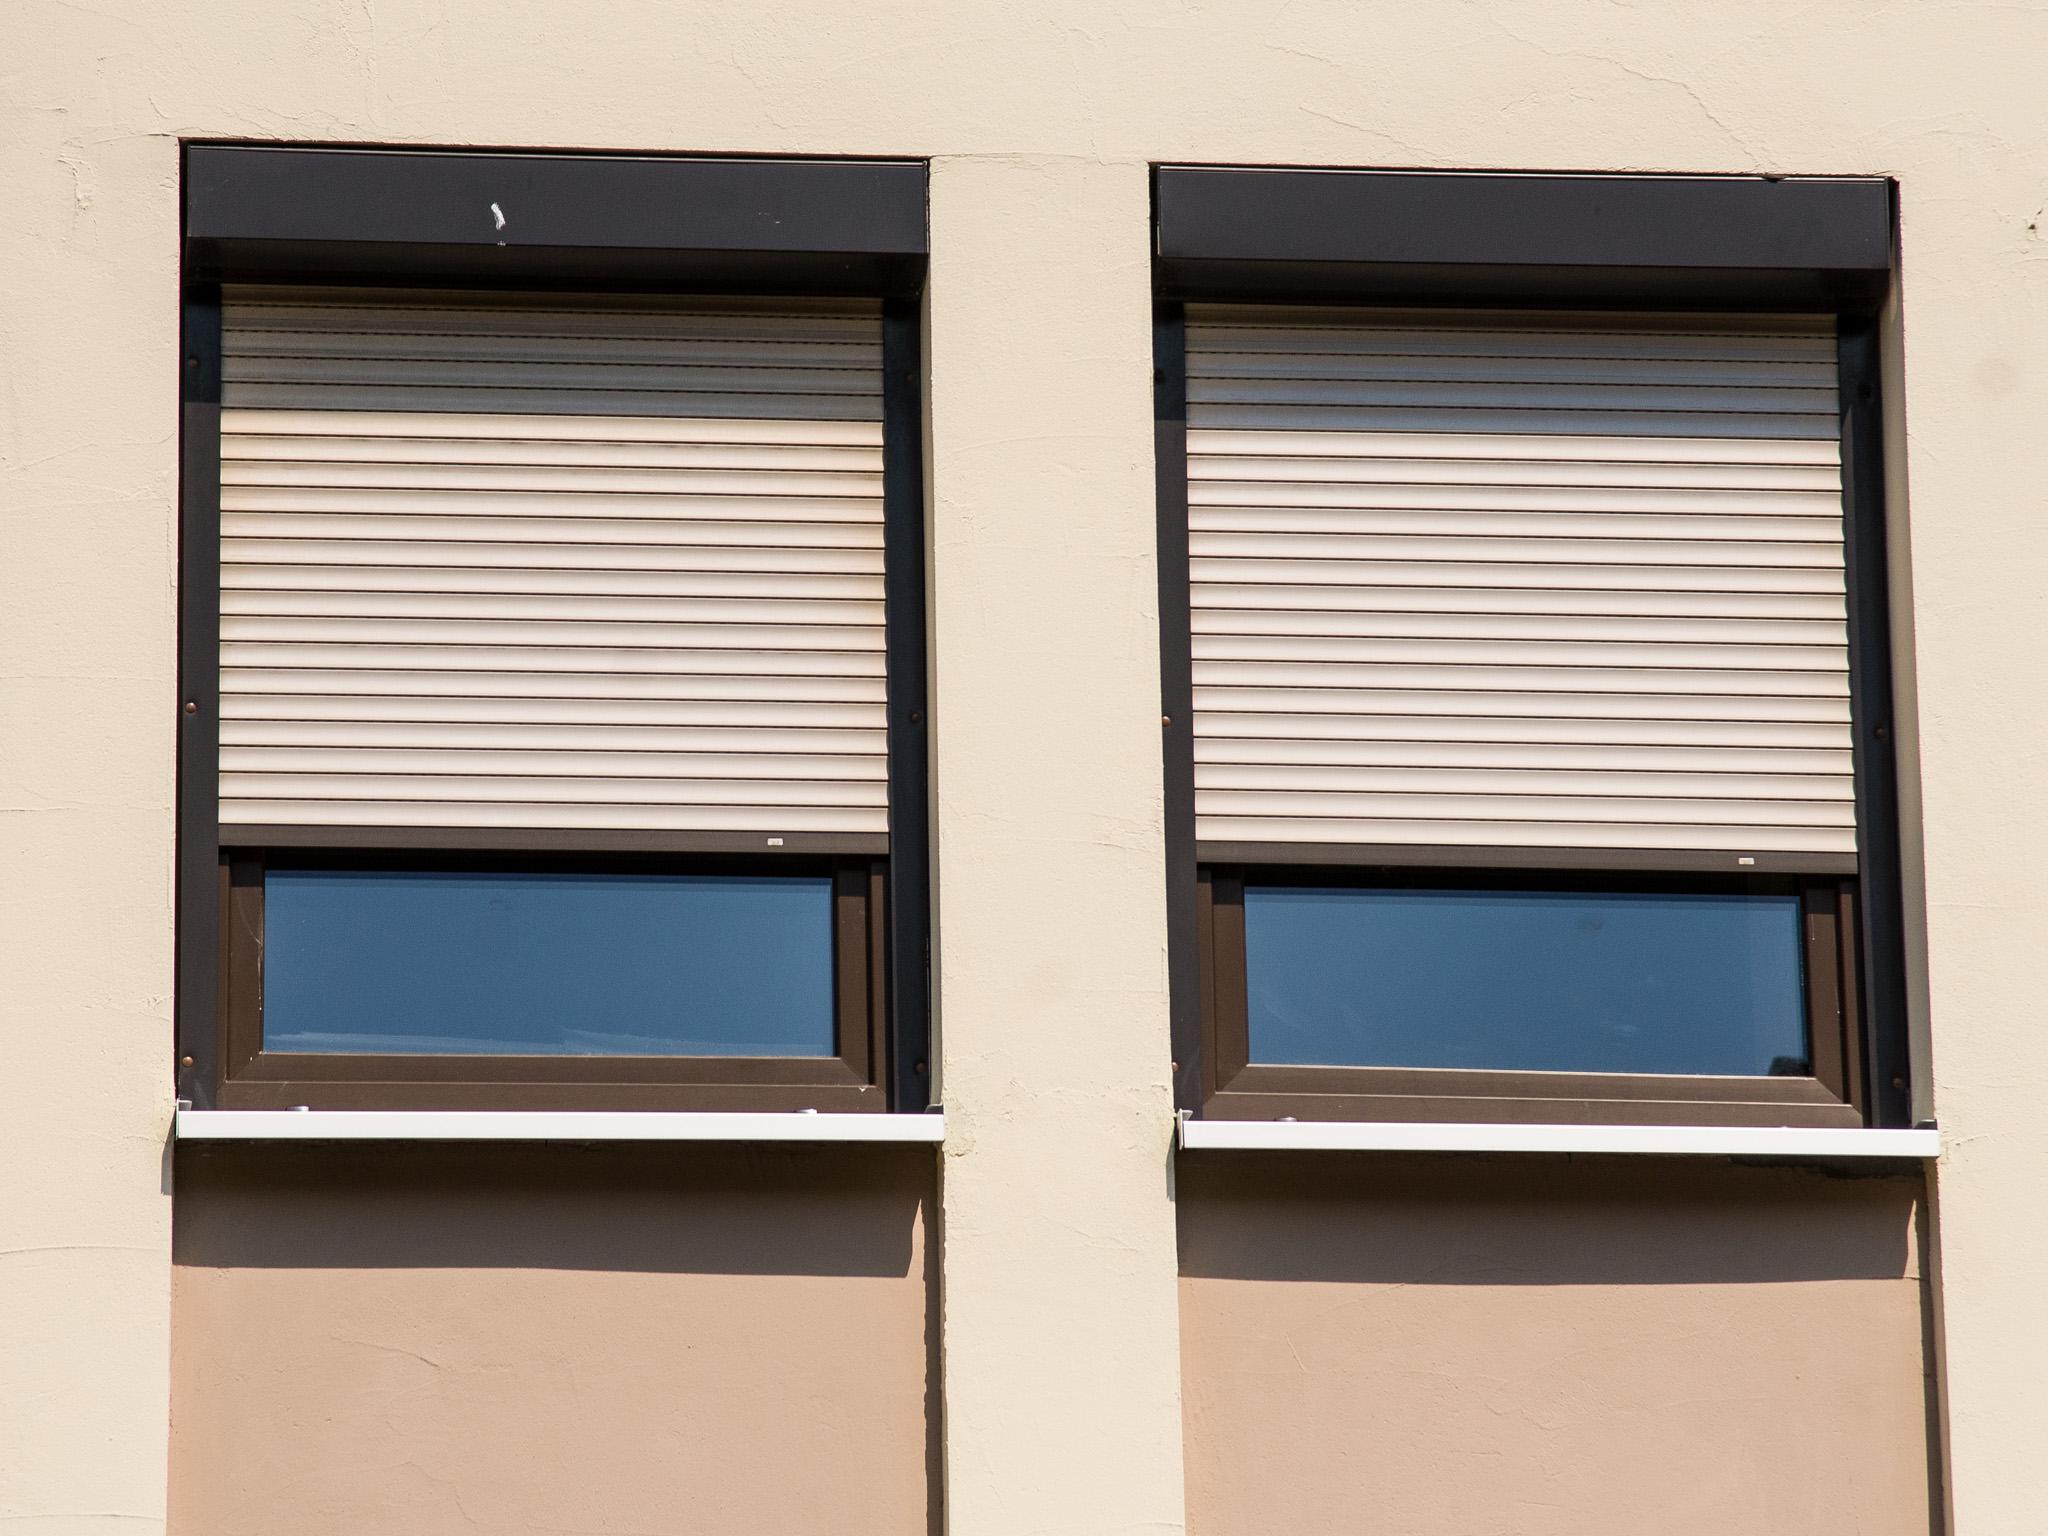 Abgedunkelte Fenster machen es in der Wohnung kühl. Symbolfoto: Pascal Höfig